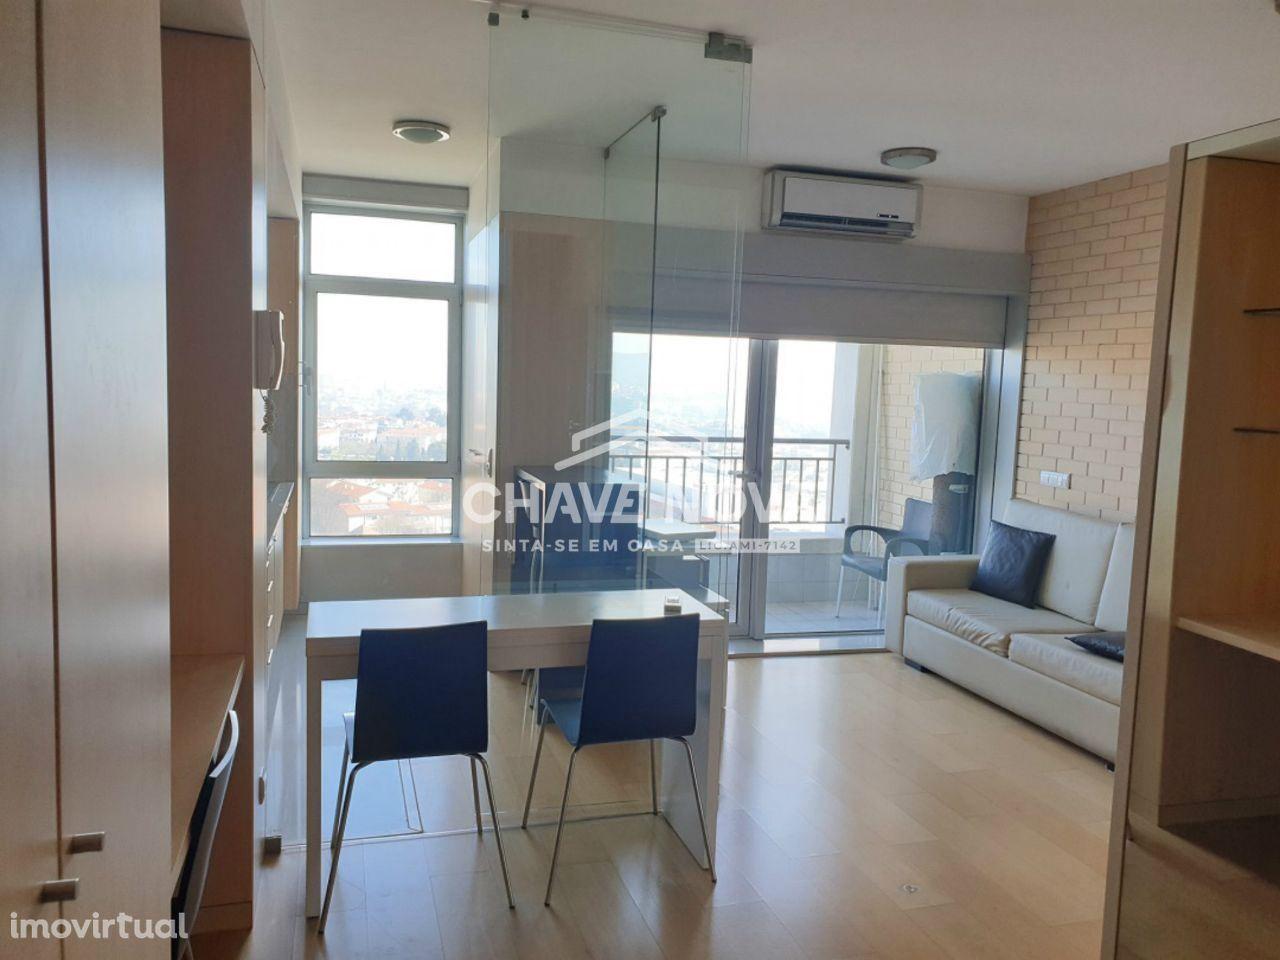 Apartamento T0 - Porto - PRTOR/00476